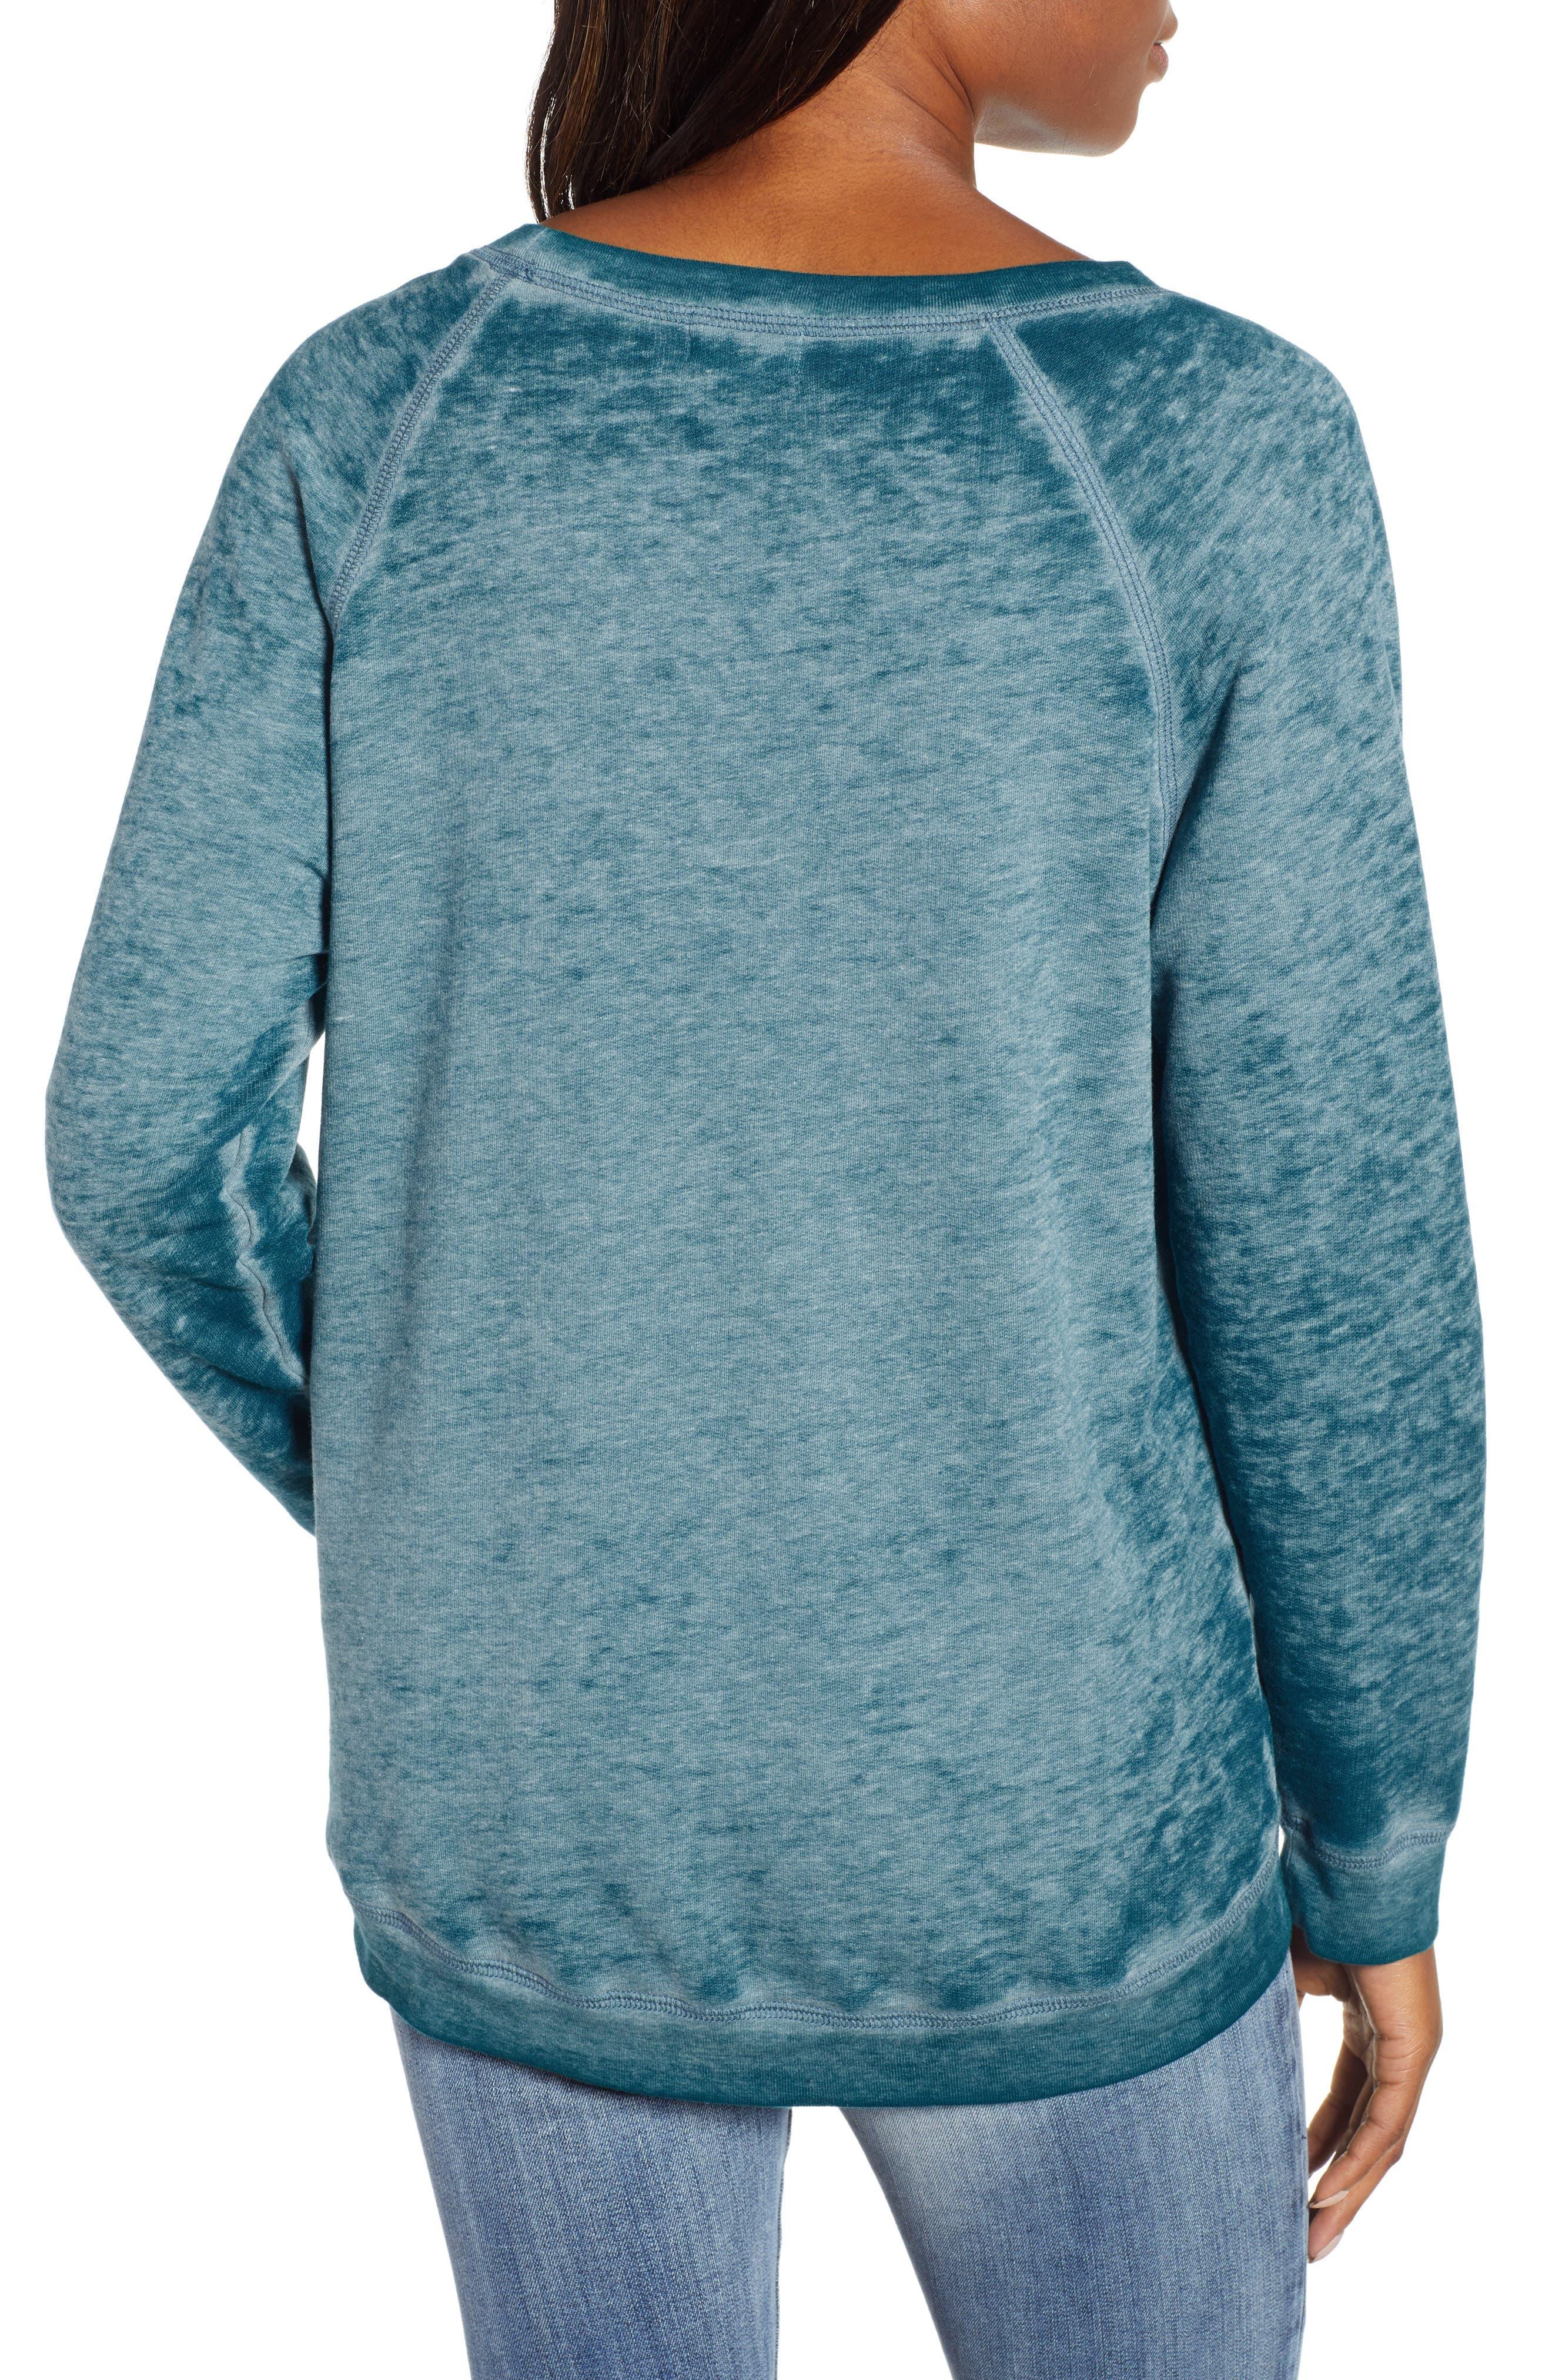 Burnout Sweatshirt,                             Alternate thumbnail 2, color,                             421